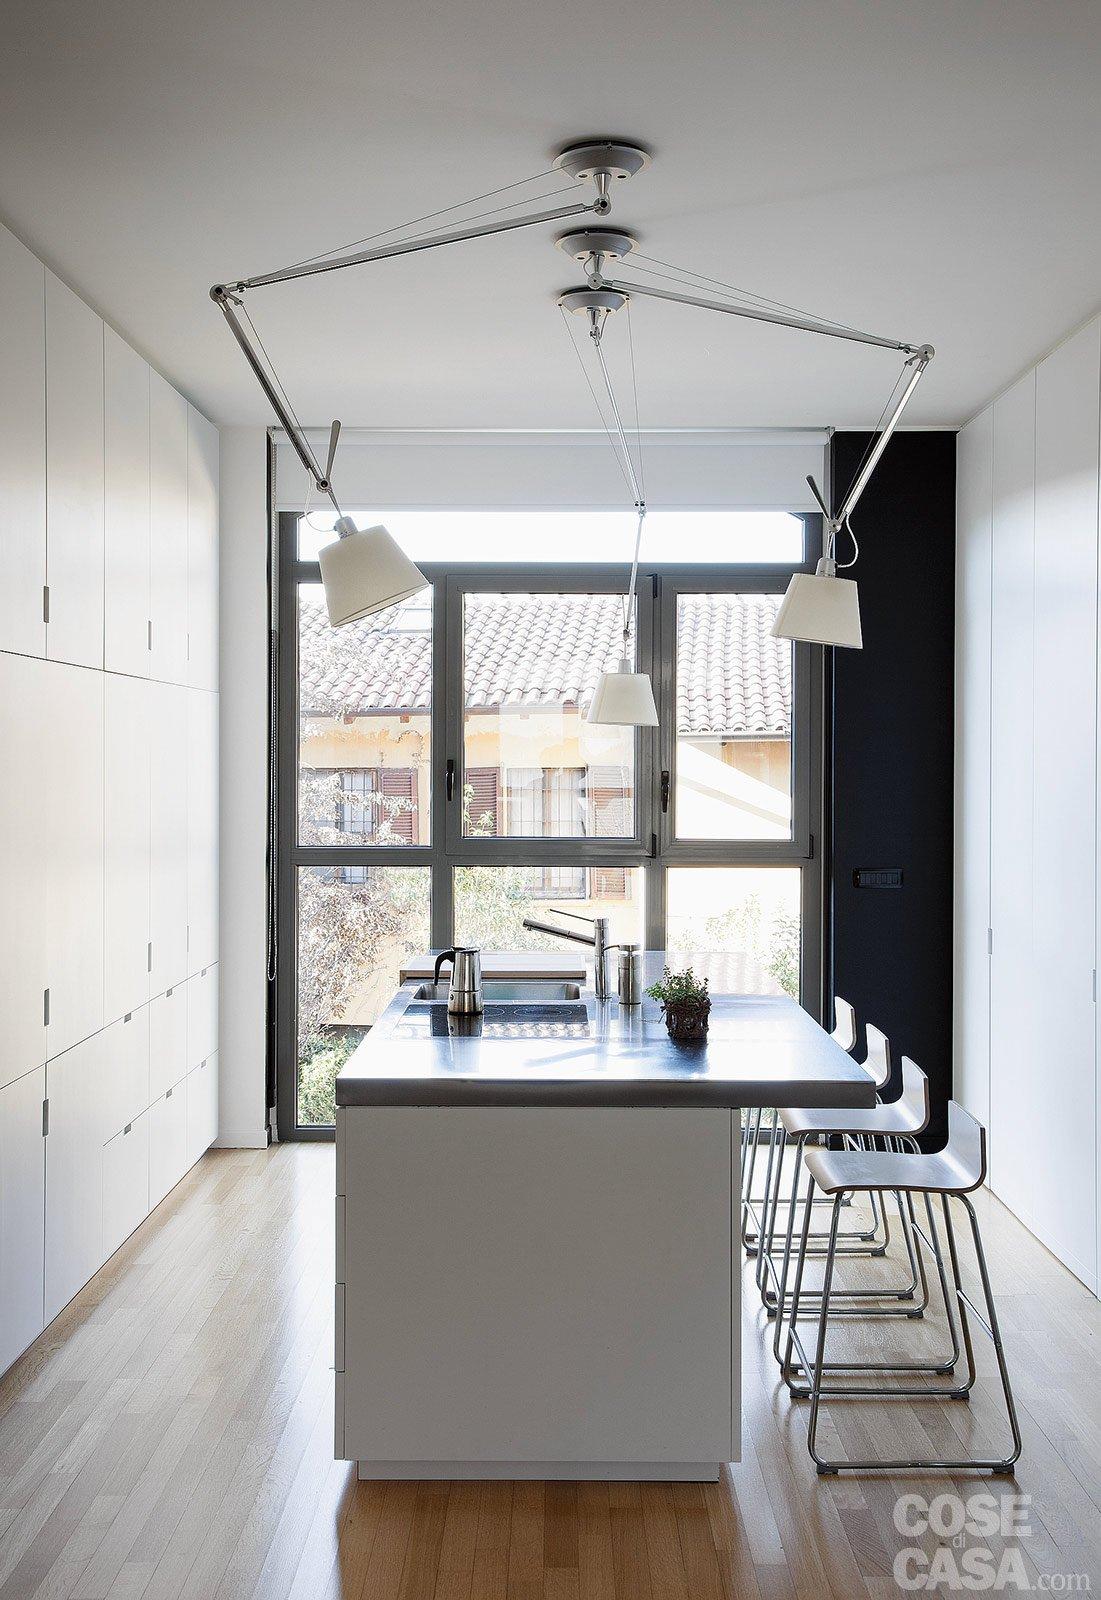 60 50 mq una casa con elementi a scomparsa cose di casa - Mobili x cucina ikea ...